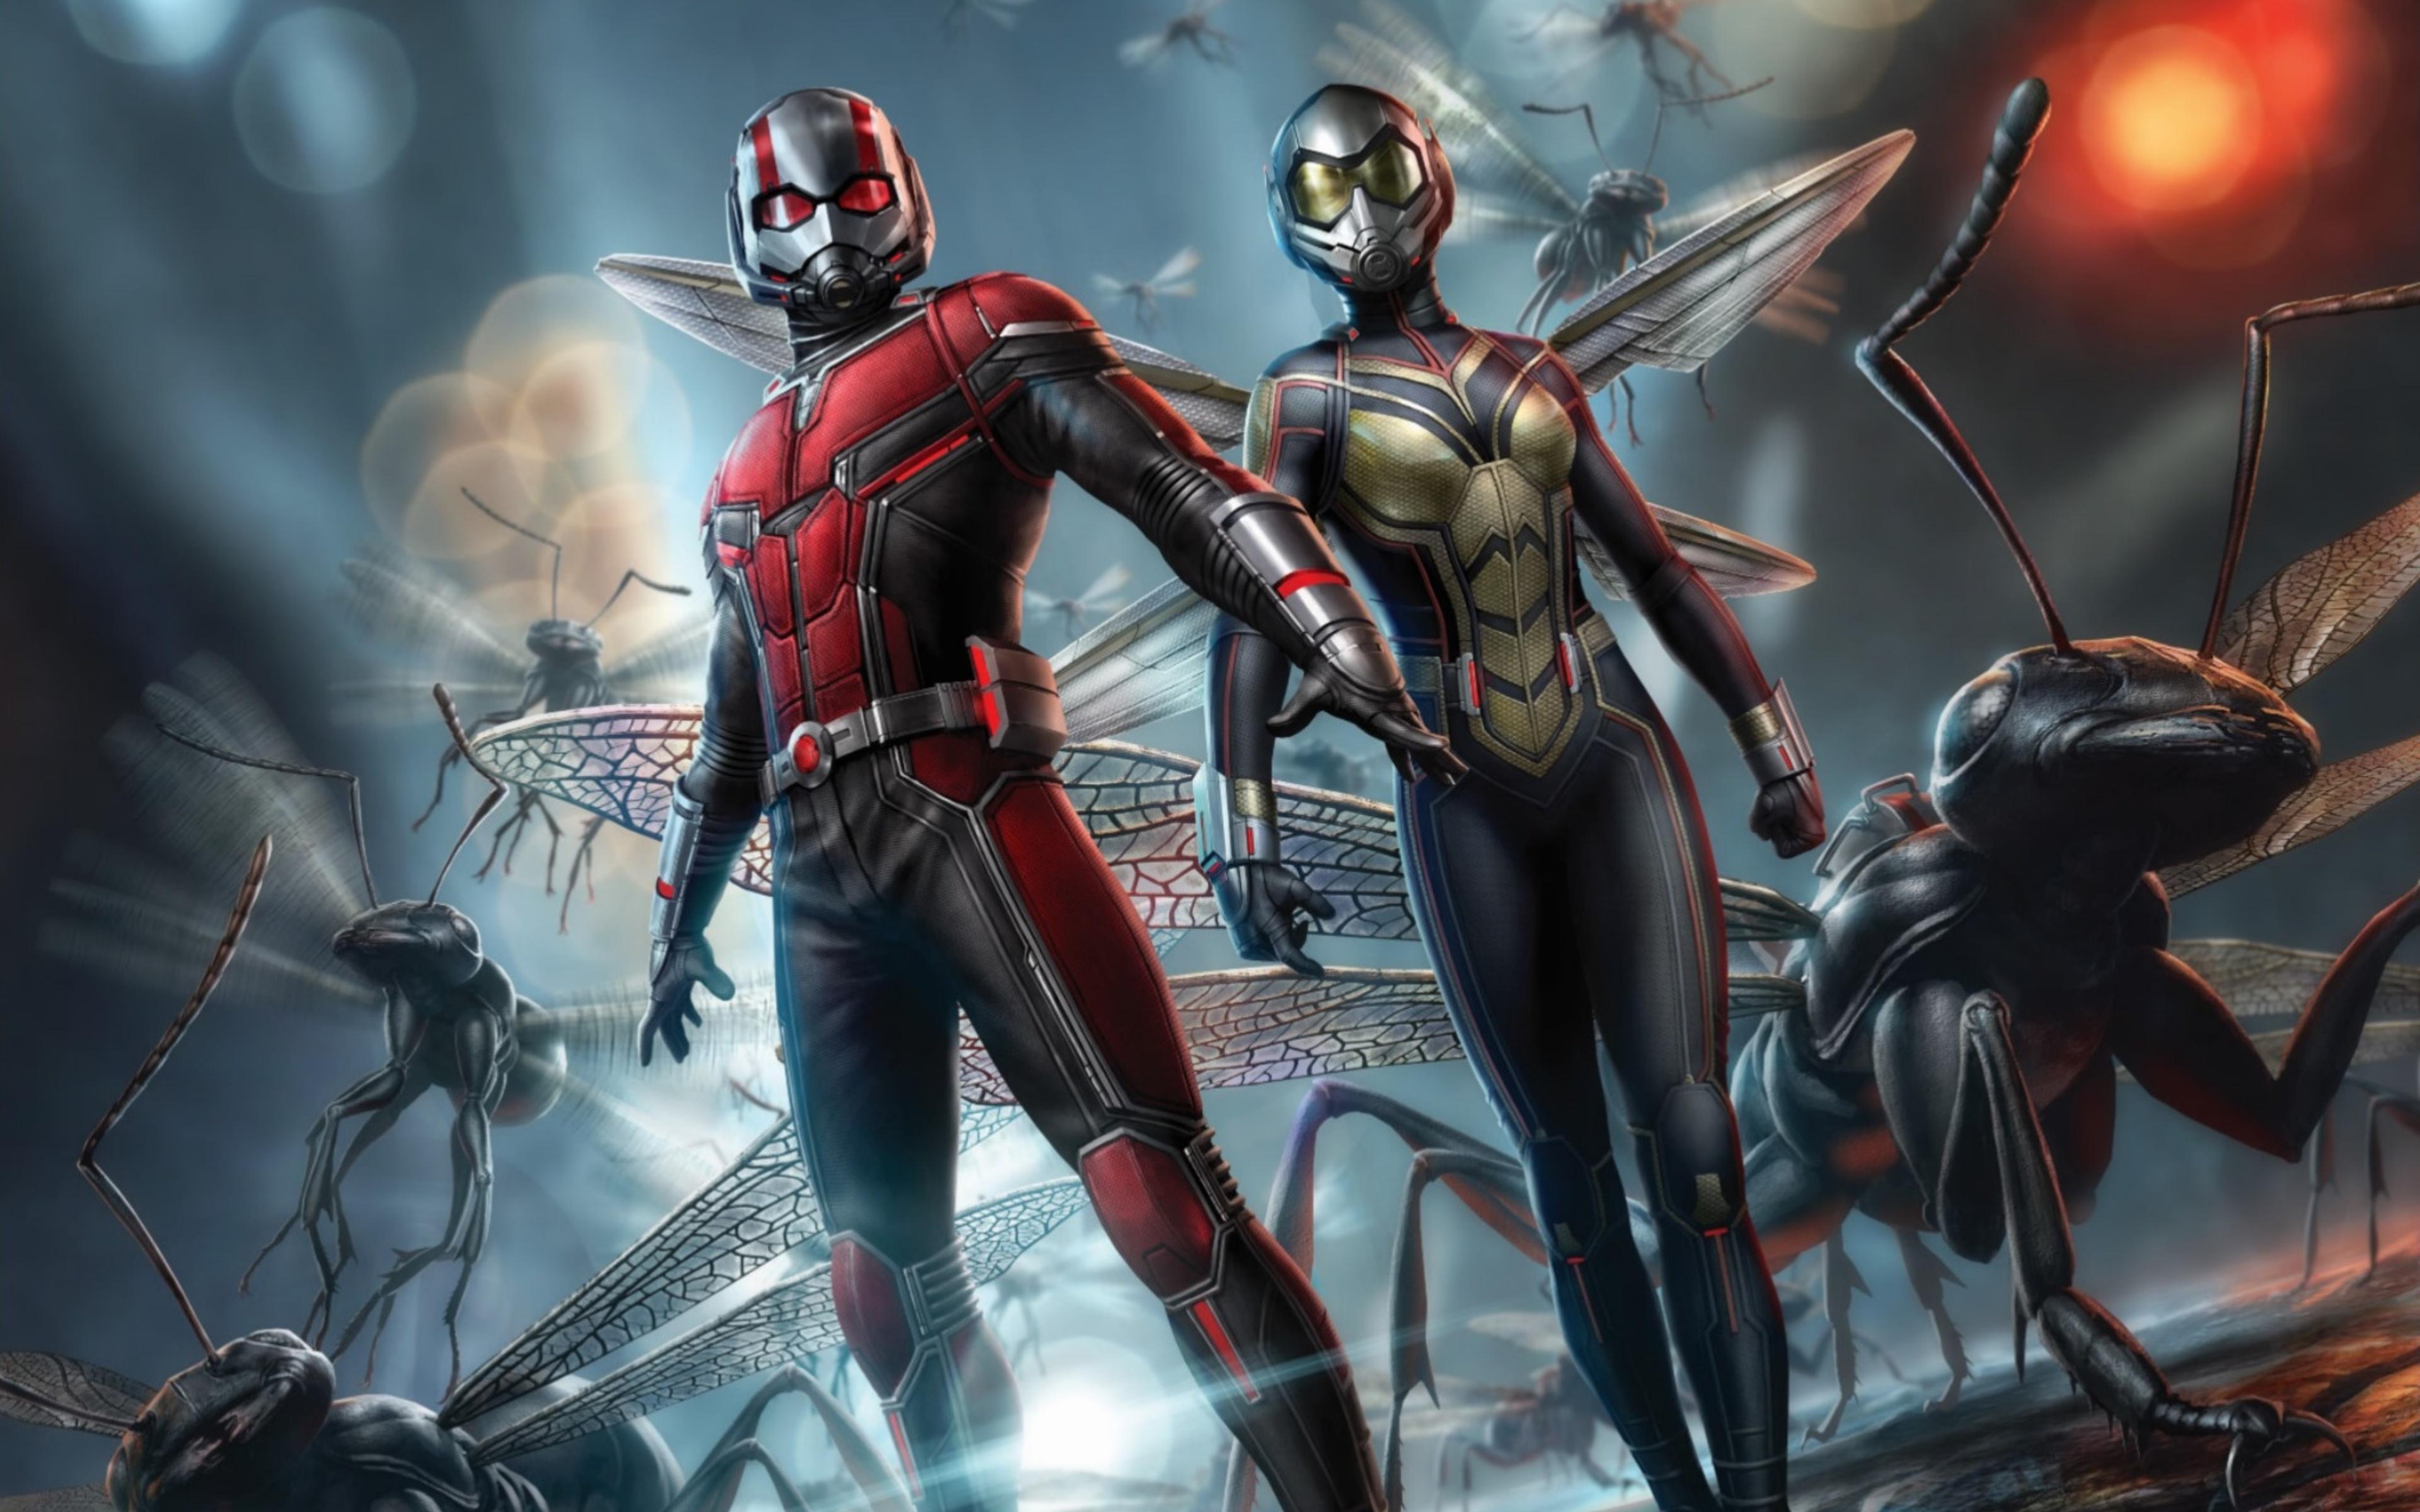 Fondos de pantalla La avispa y Ant Man